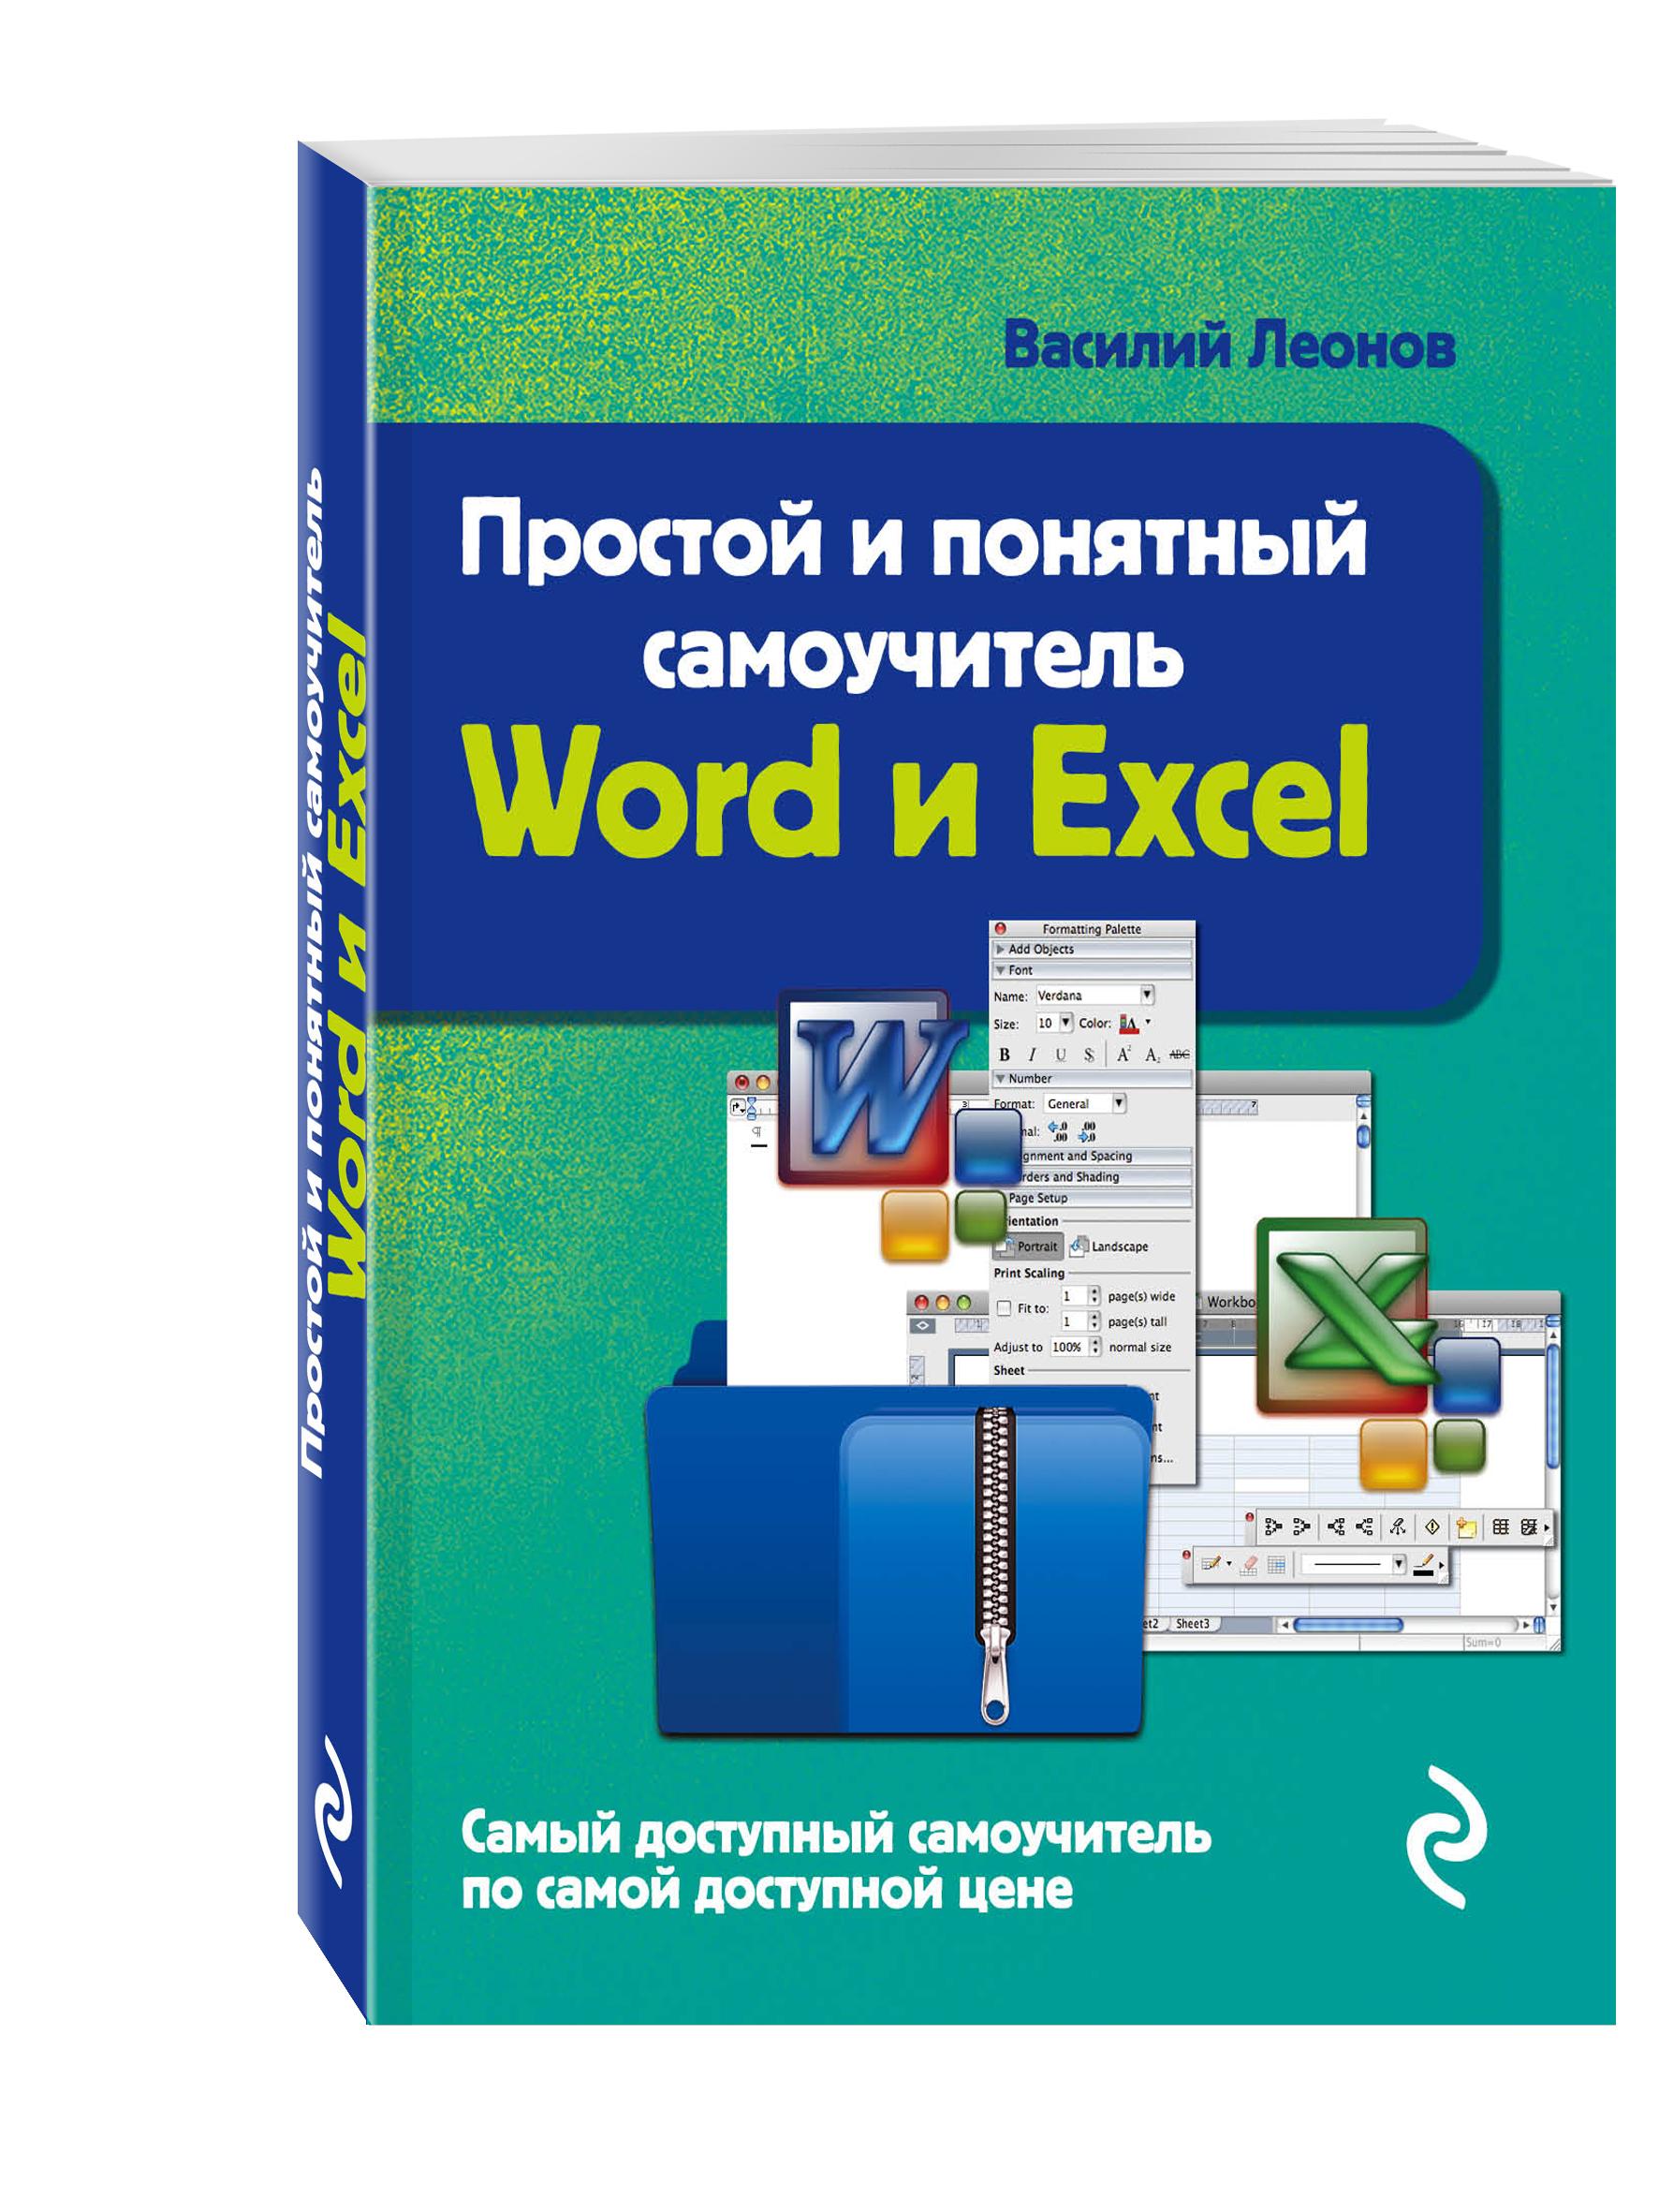 Леонов В. Простой и понятный самоучитель Word и Excel. 2-е издание леонов василий простой и понятный самоучитель word и excel